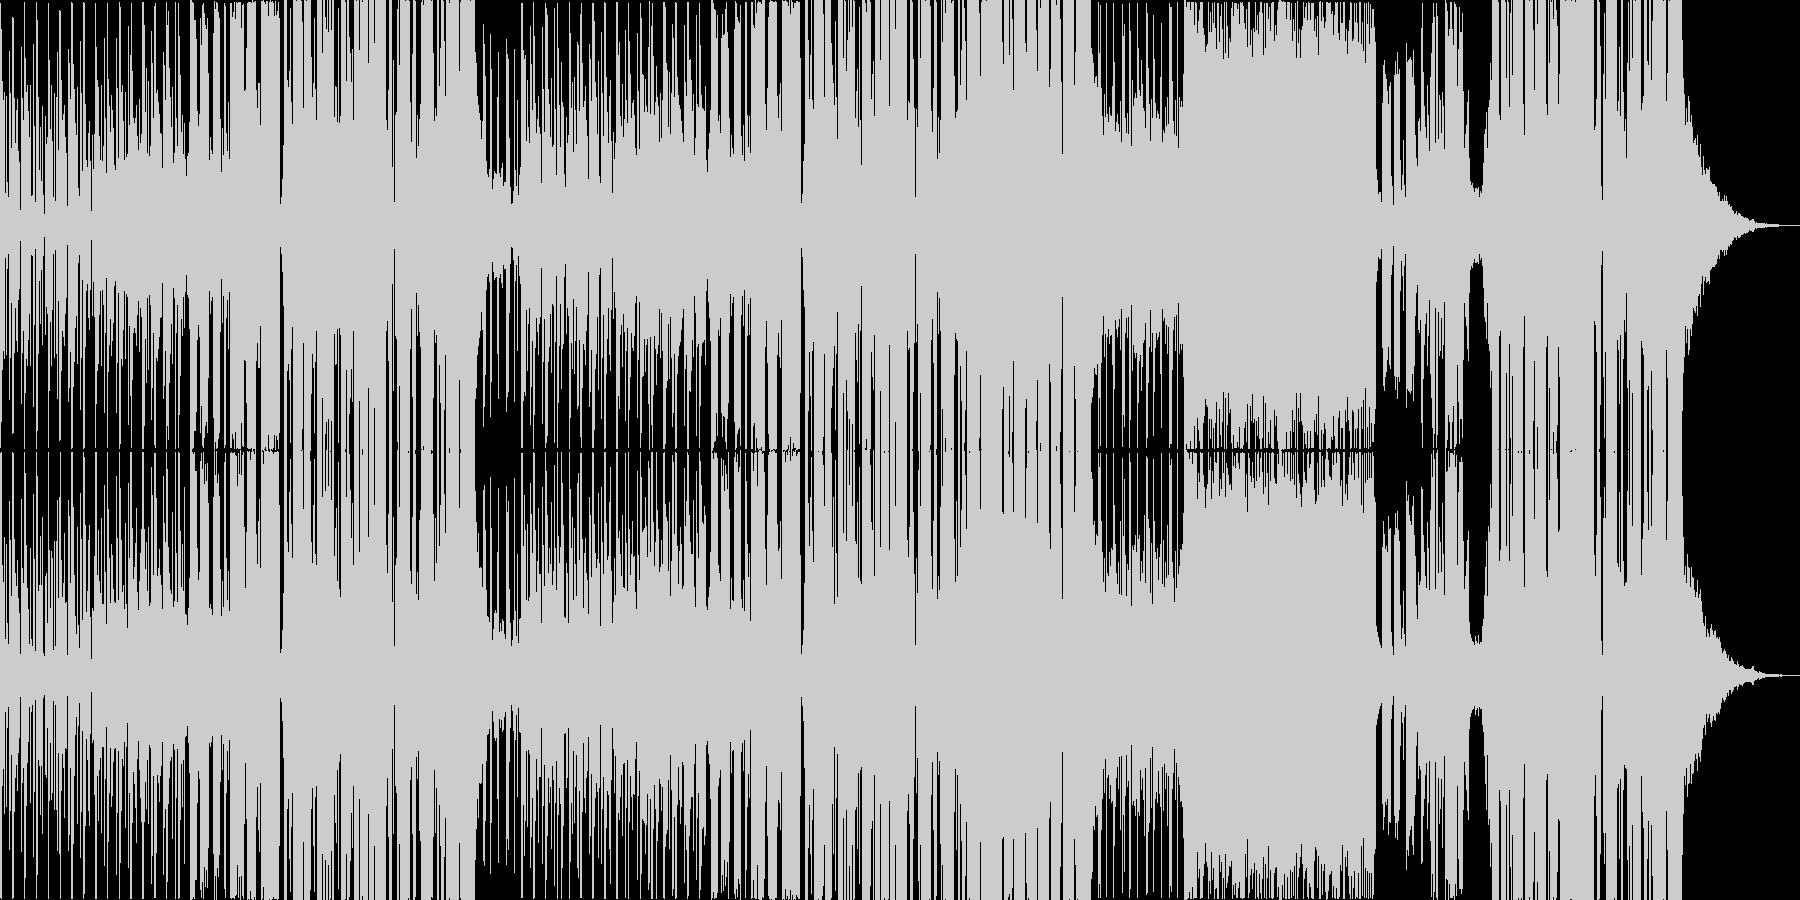 ノスタルジーな物語調エレクトロポップの未再生の波形